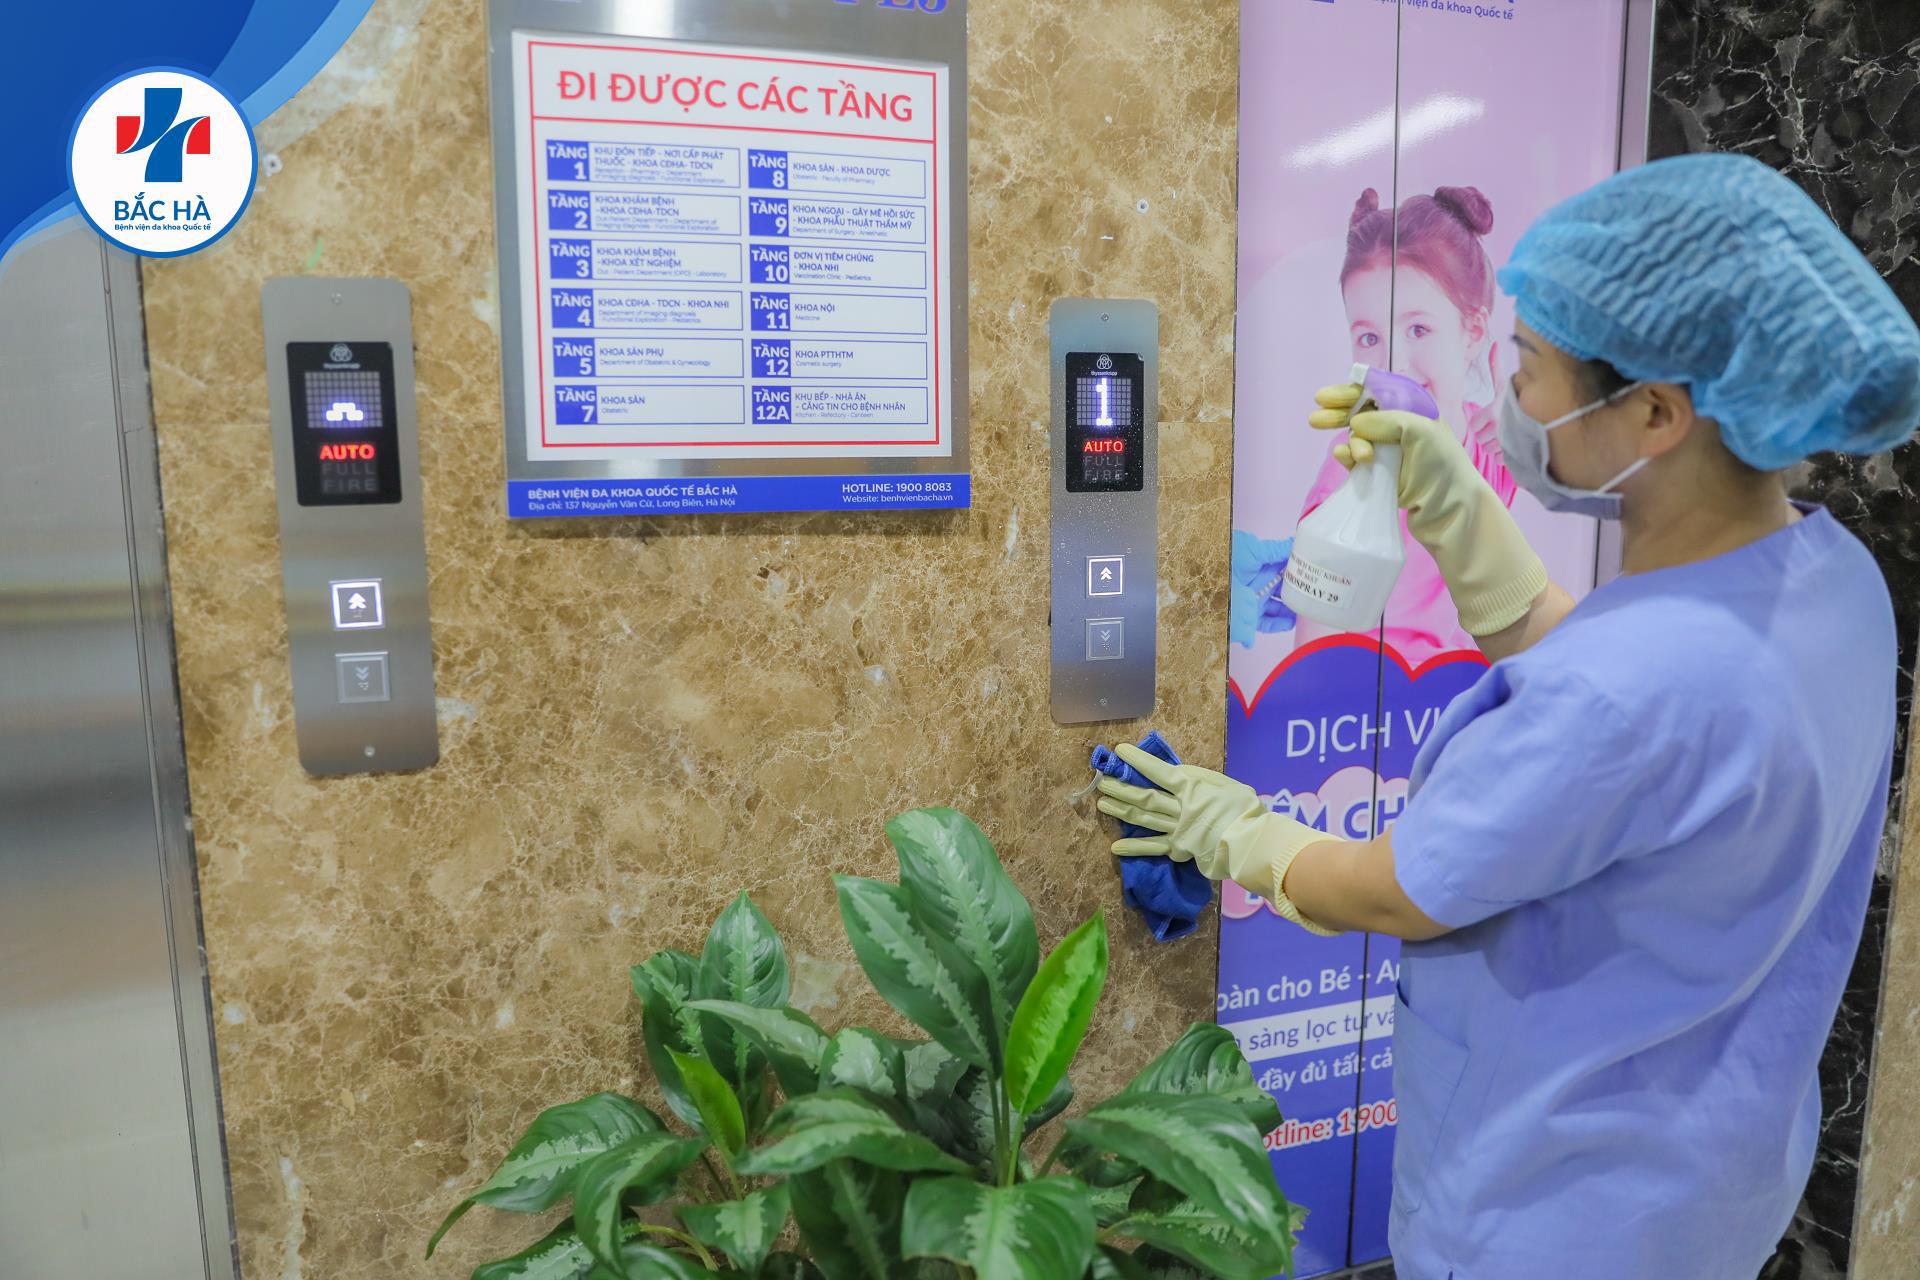 Khoa nhi bệnh viện Quốc tế Bắc Hà: Chăm bé tận tâm - ươm mầm sức khỏe - Ảnh 4.